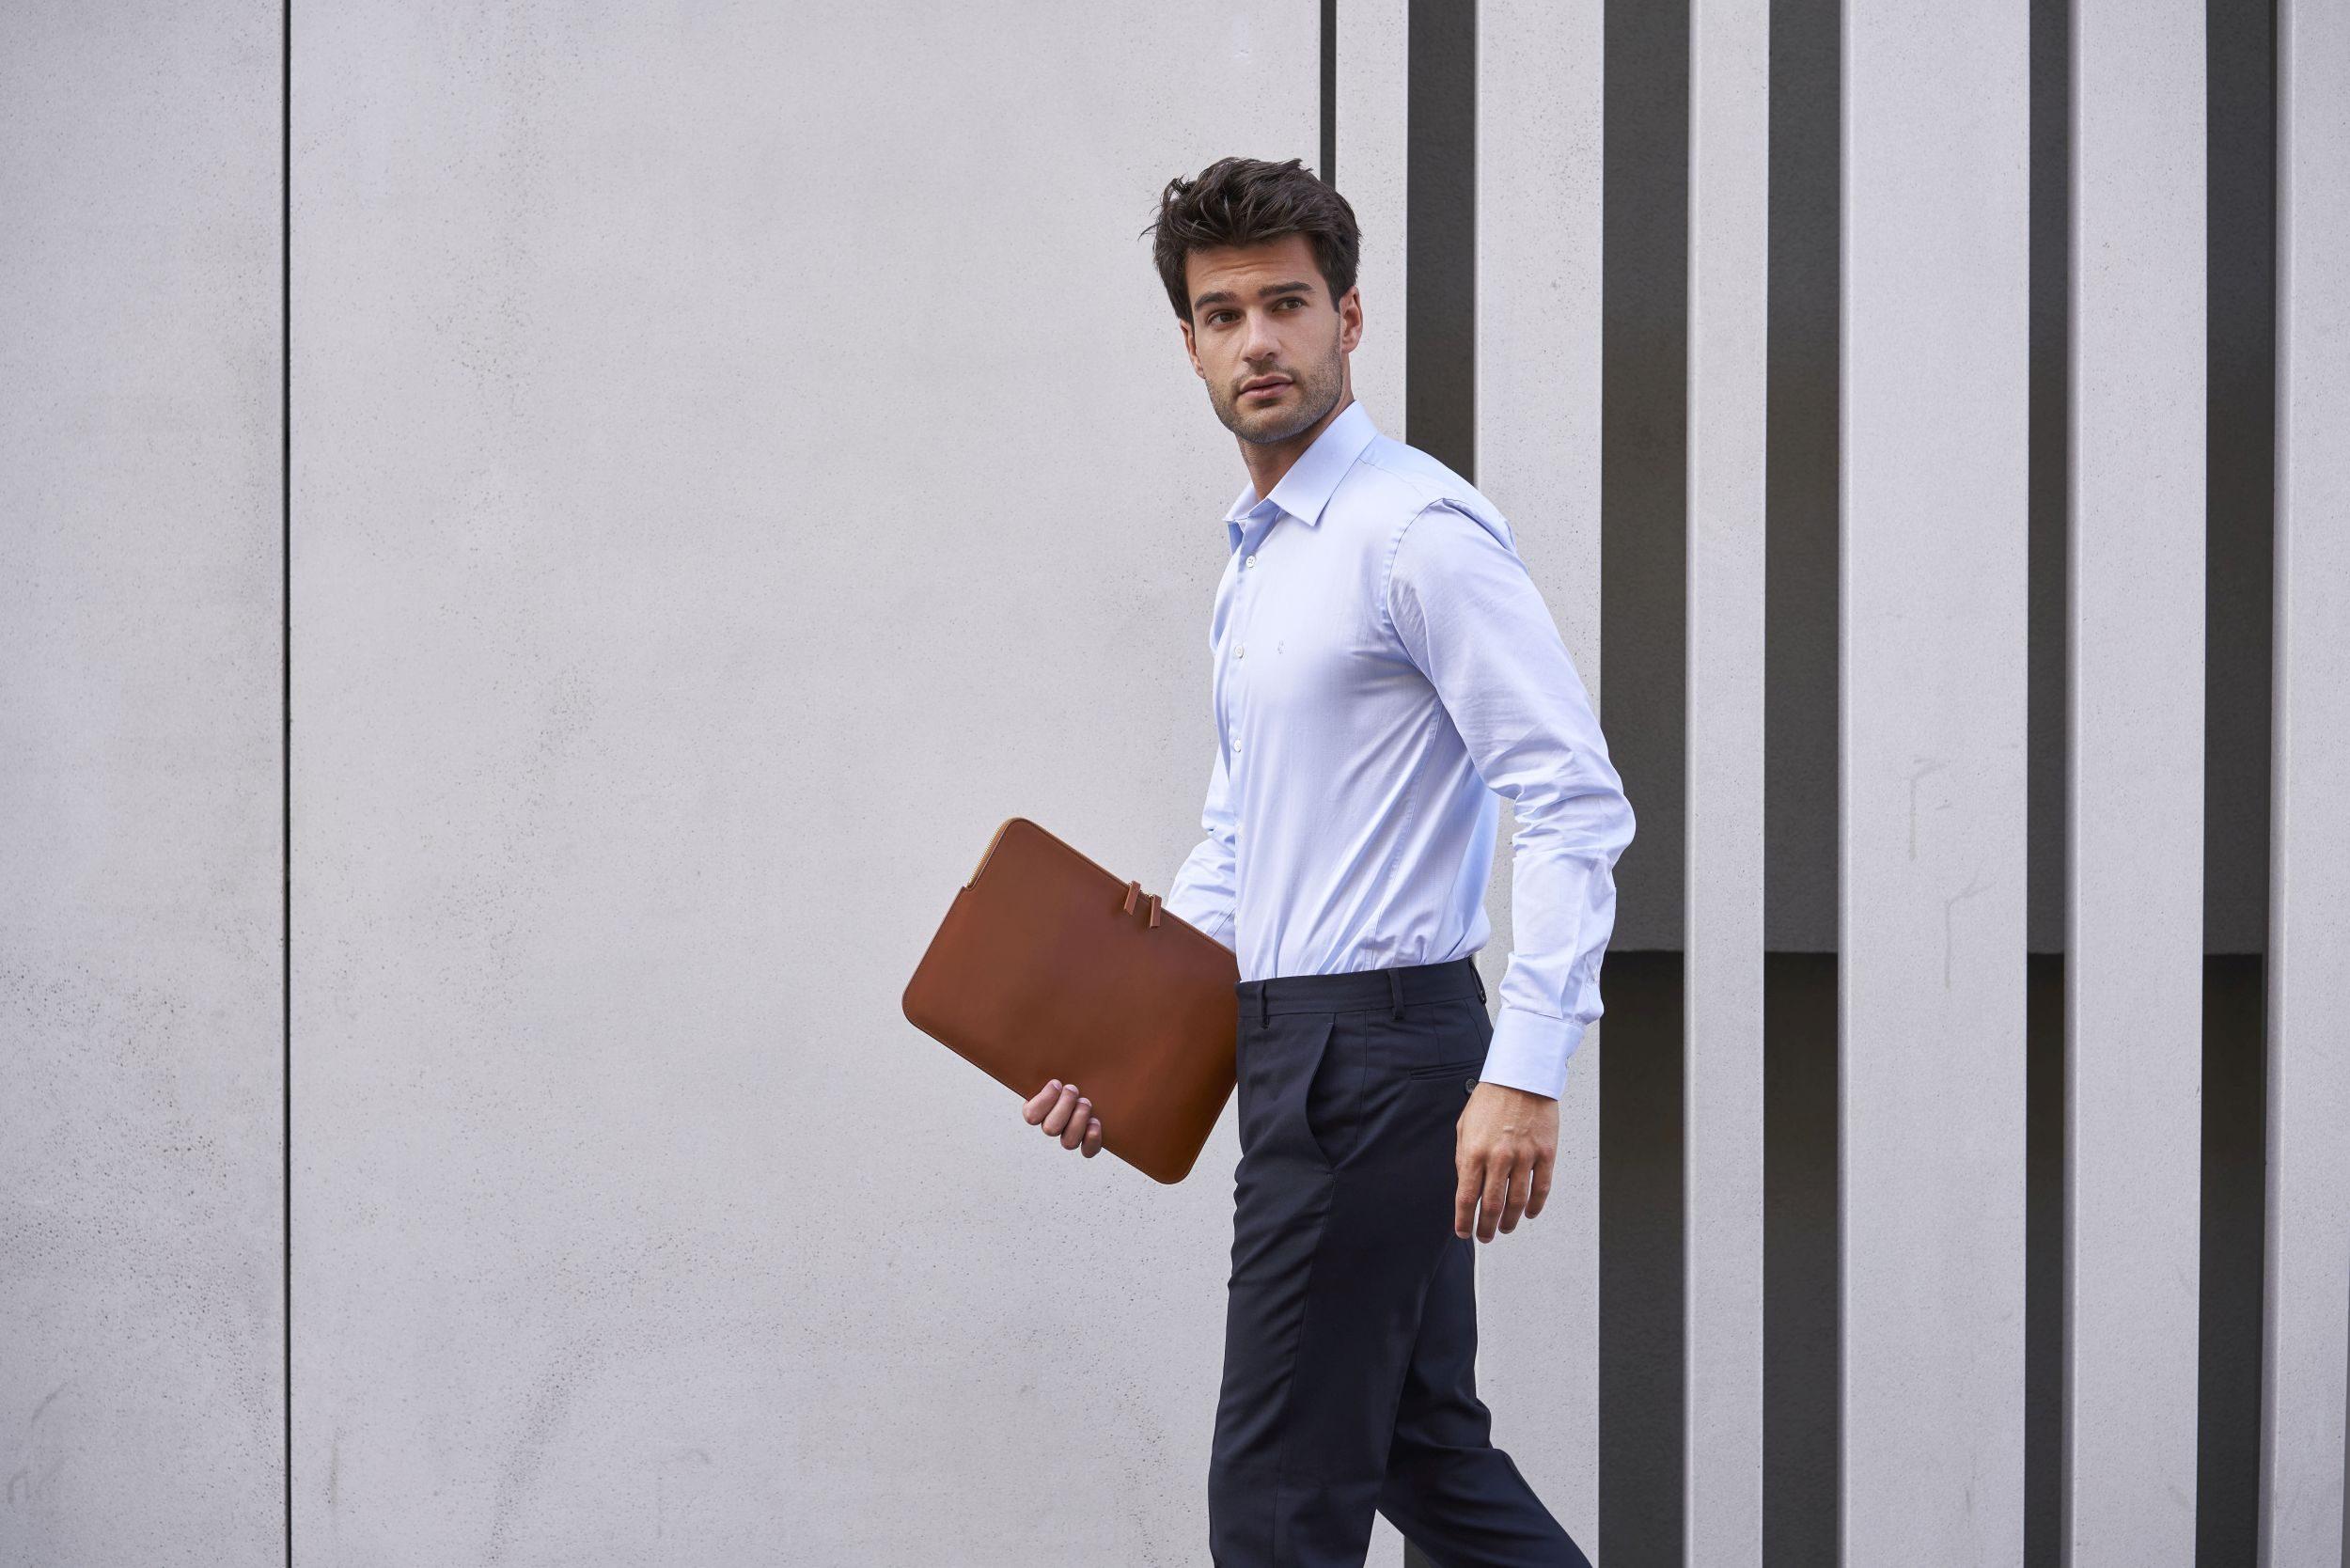 Lautrec_chemise formelle tissu italien Albini coton bio GOTS bleu ciel_pantalon de ville laine éthique confection Portugal_Porté par Manu Noraced avec une pochette en extérieur devant un bâtiment design